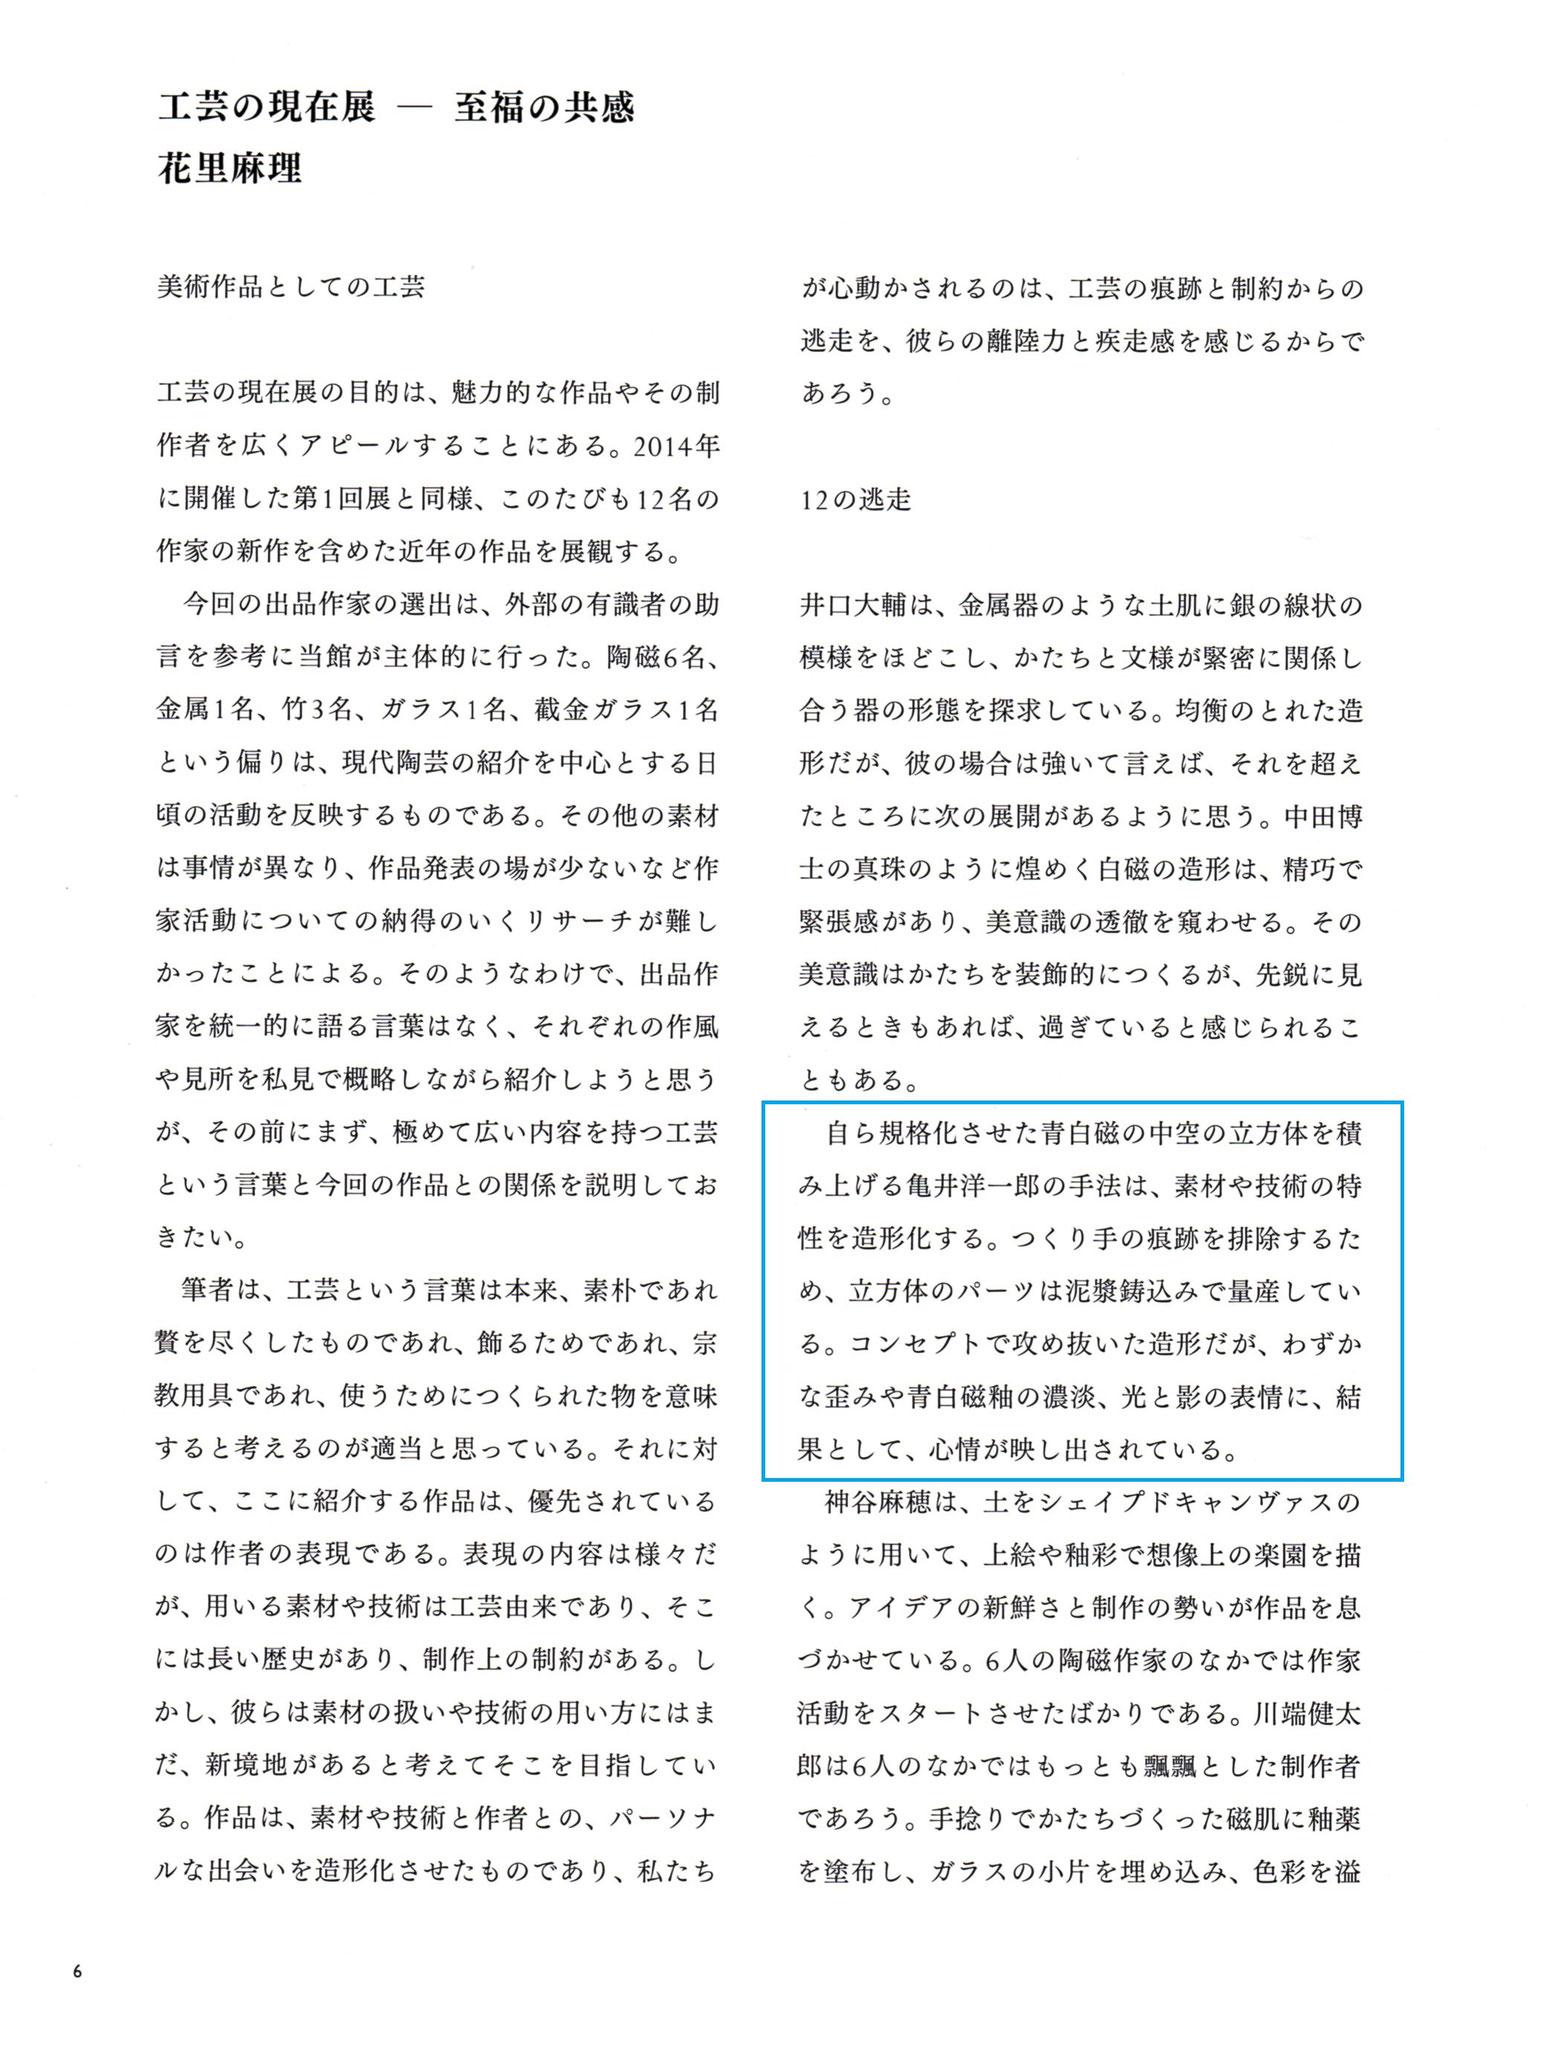 「工芸の現在展-至福の共感」花里麻里(菊池寛実記念 智美術館 学芸部長)